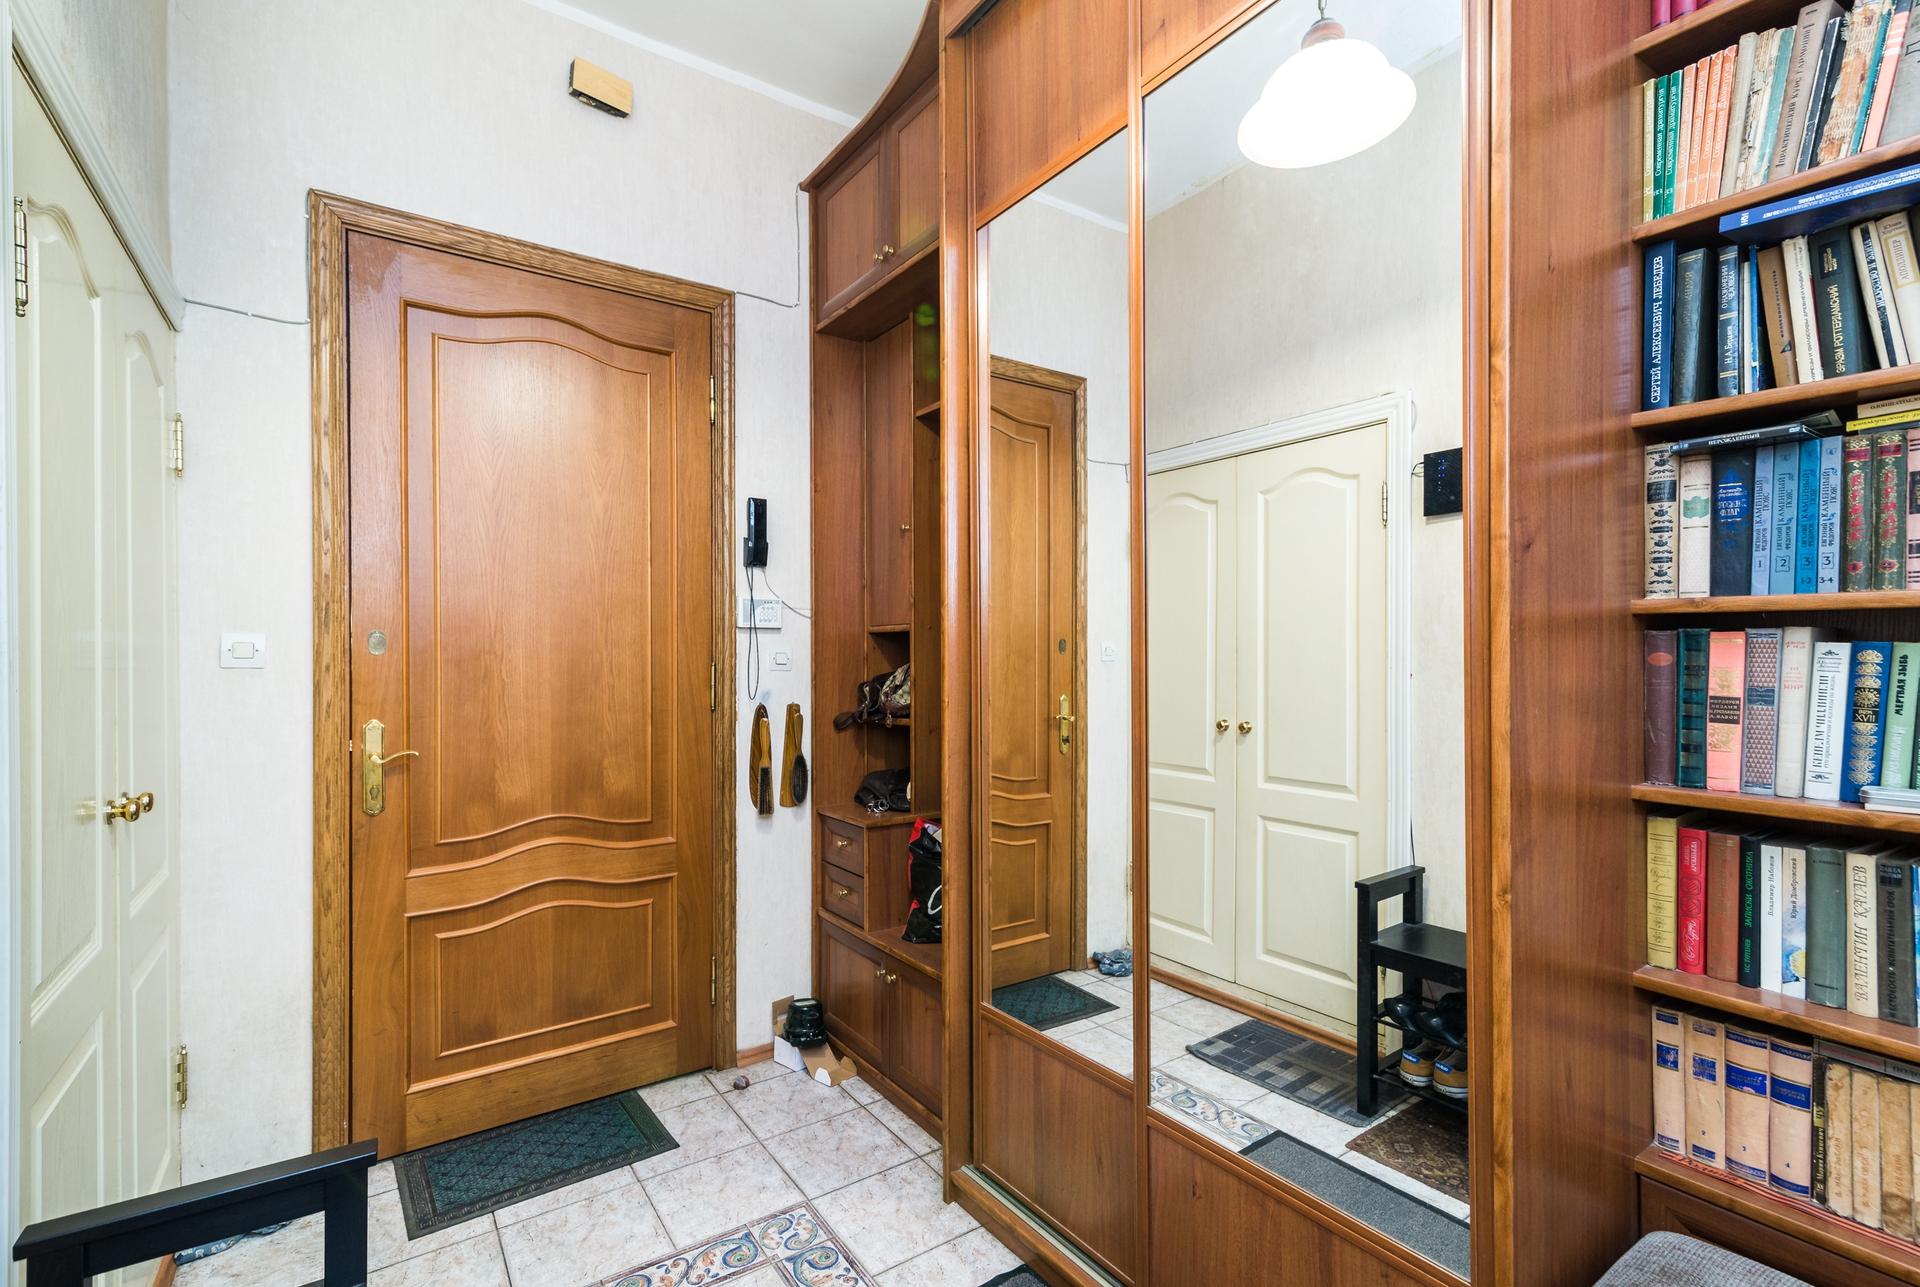 Самая выгодная цена за квадратный метр в сталинке в Академическом районе 5